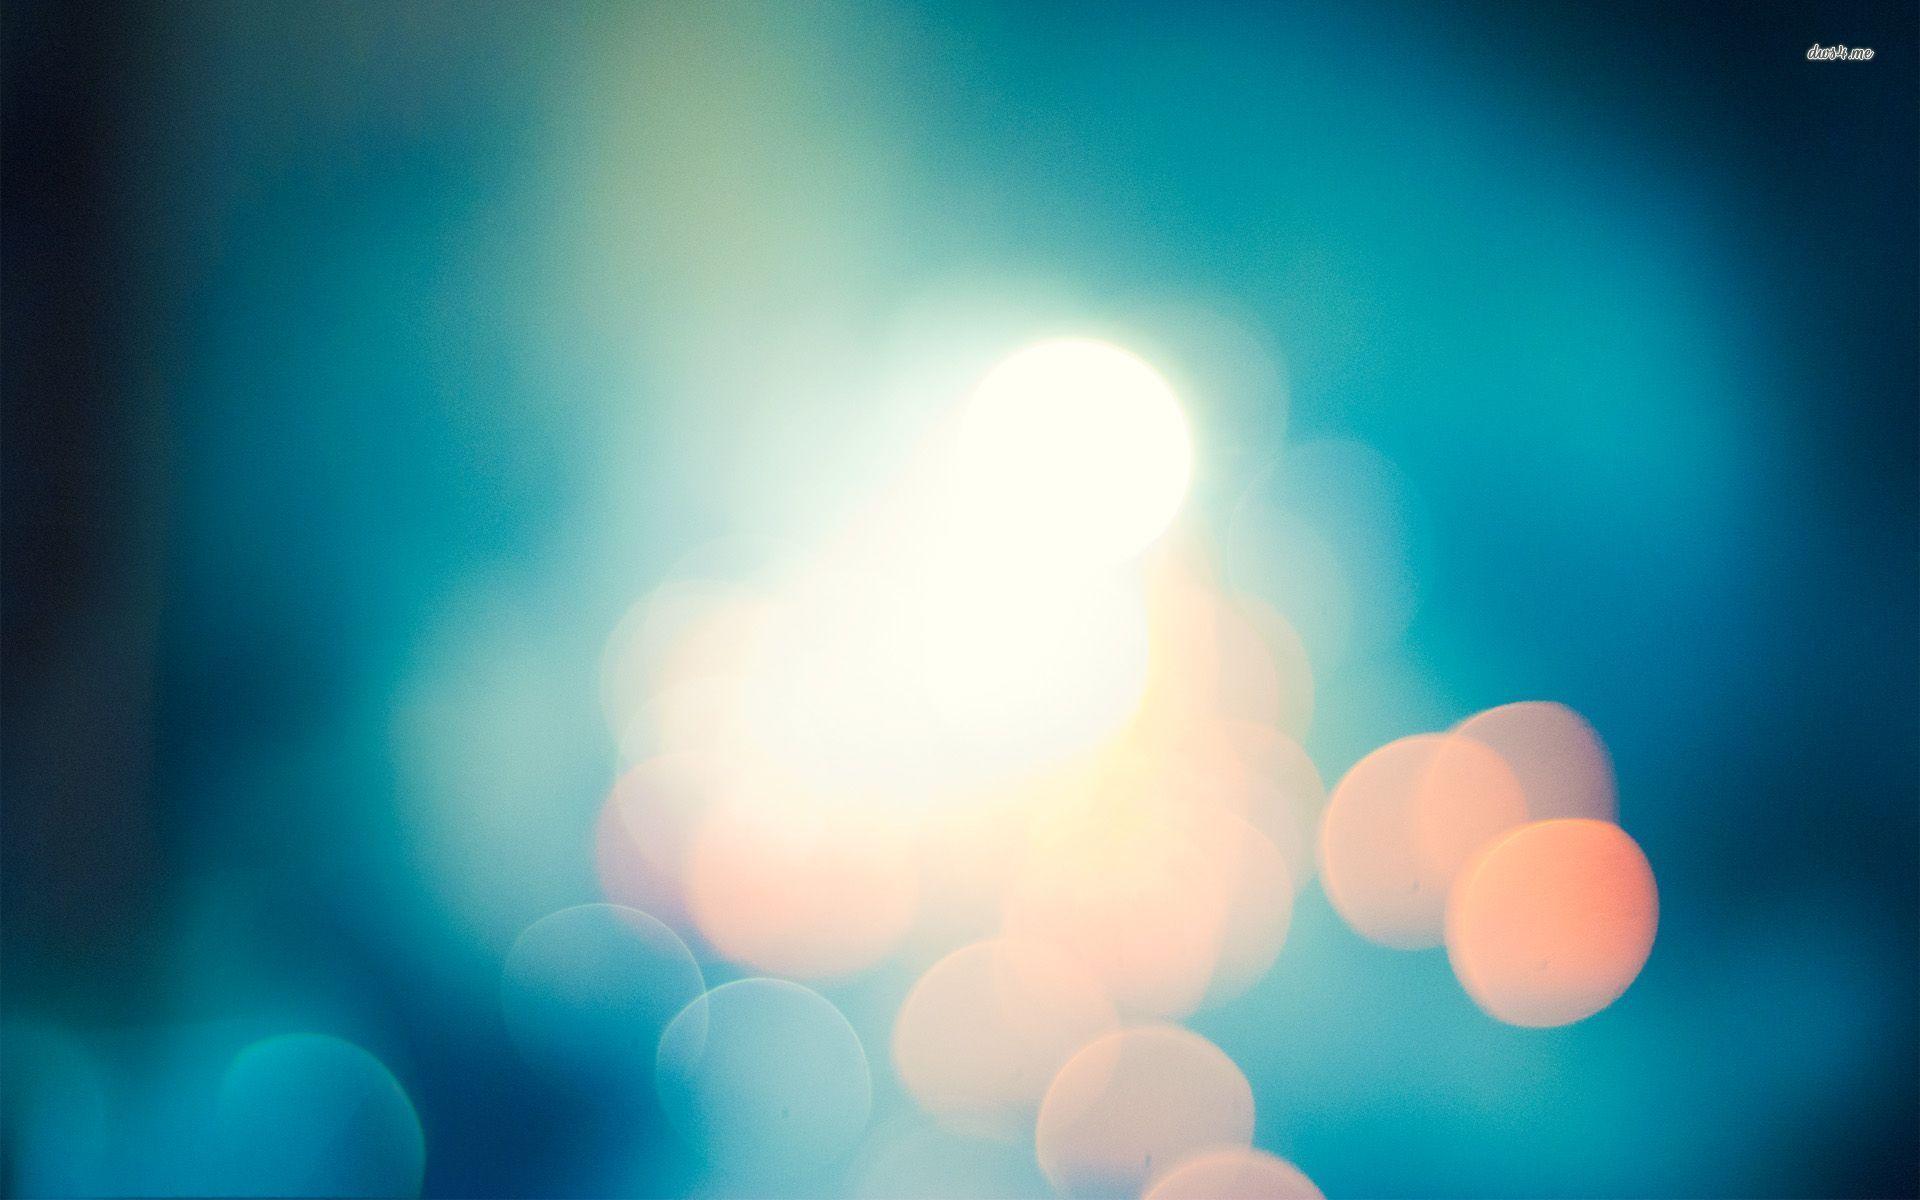 blurry lights x abstract wallpaper 1920a—1200